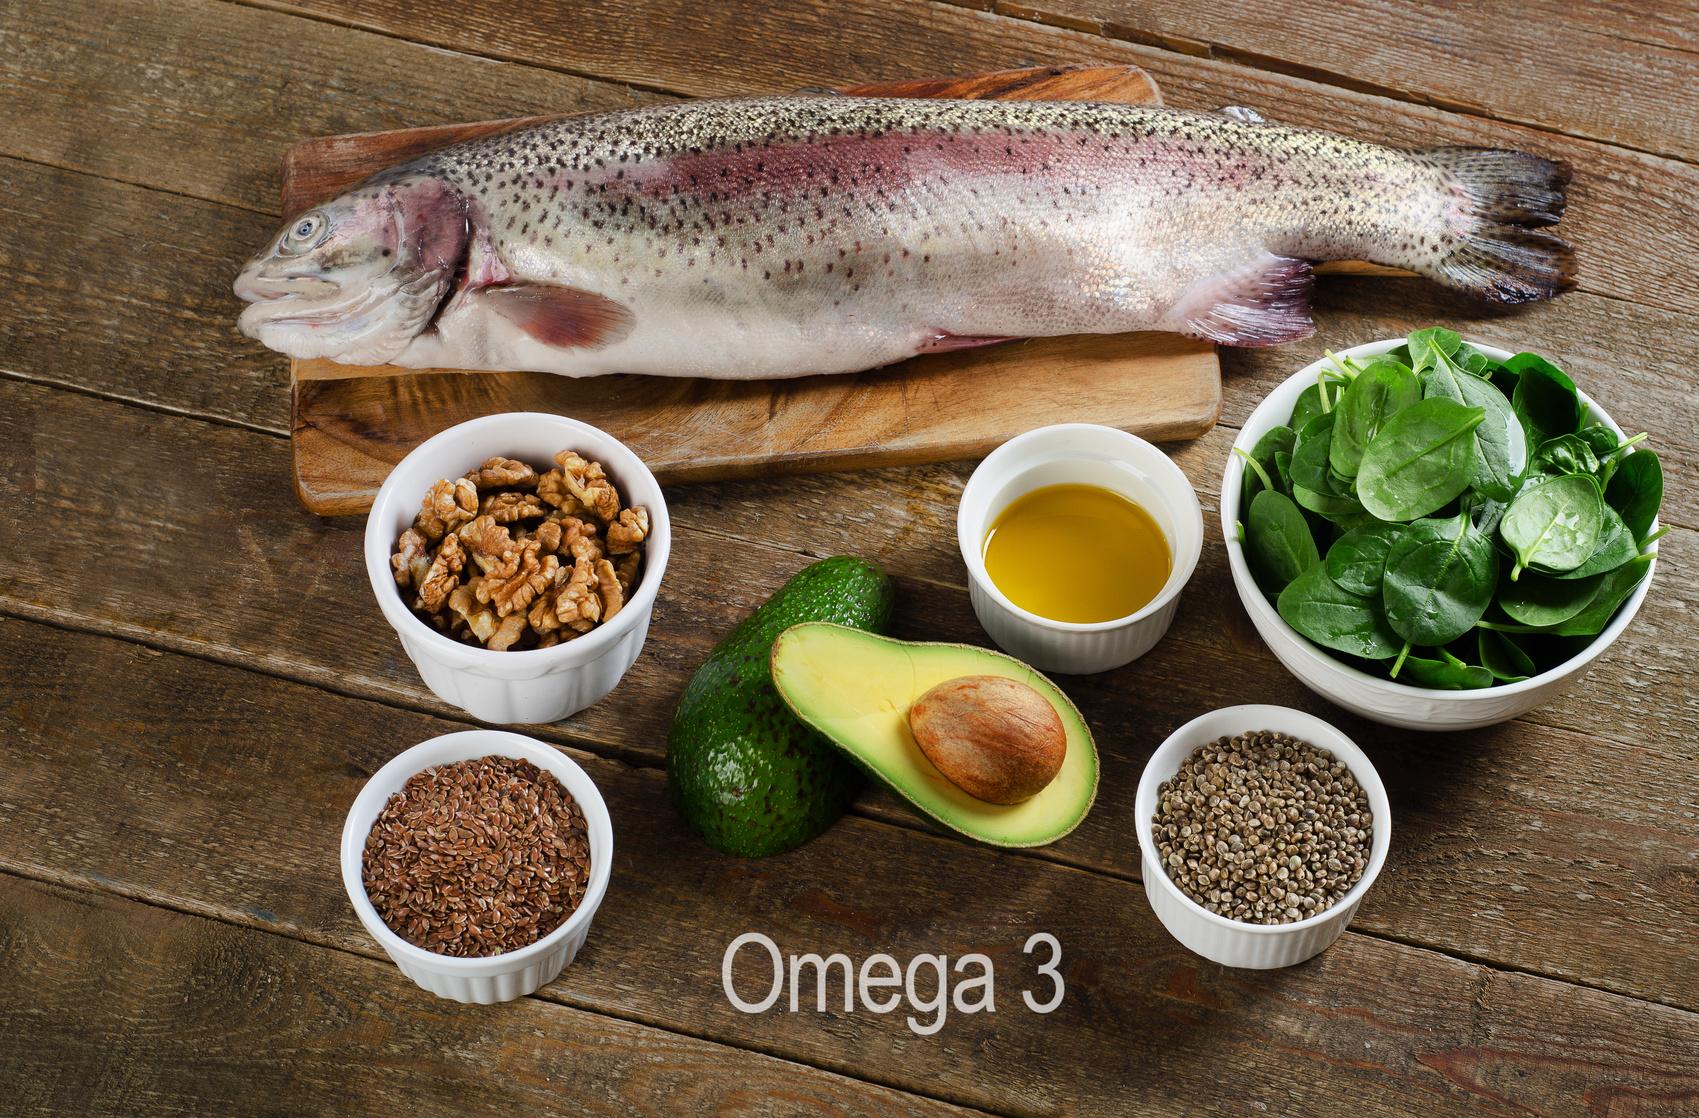 omega 3, circolazione sanguigna, sistema nervoso, omega 3 benefici, integratori omega 3, olio di pesce